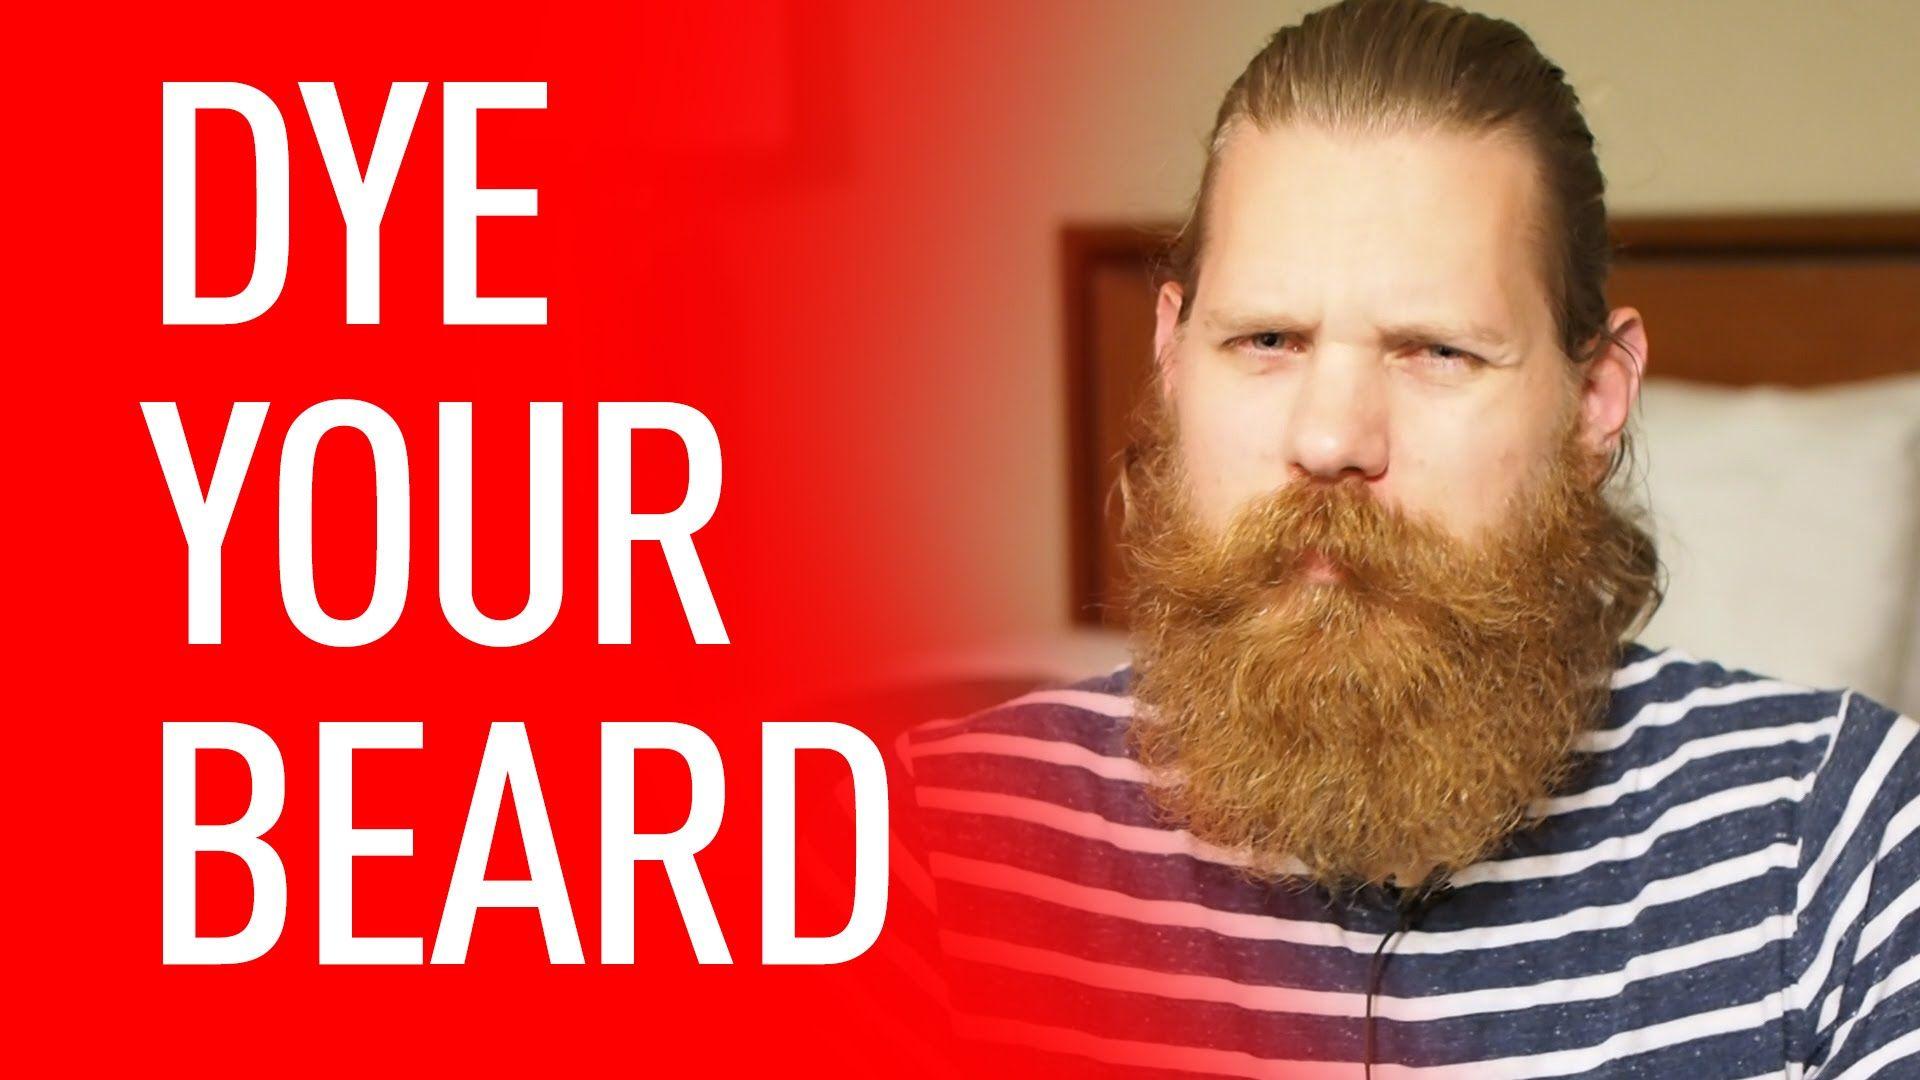 Dye Your Beard | Beardbrand | Beardbrand Channel | Diy ...